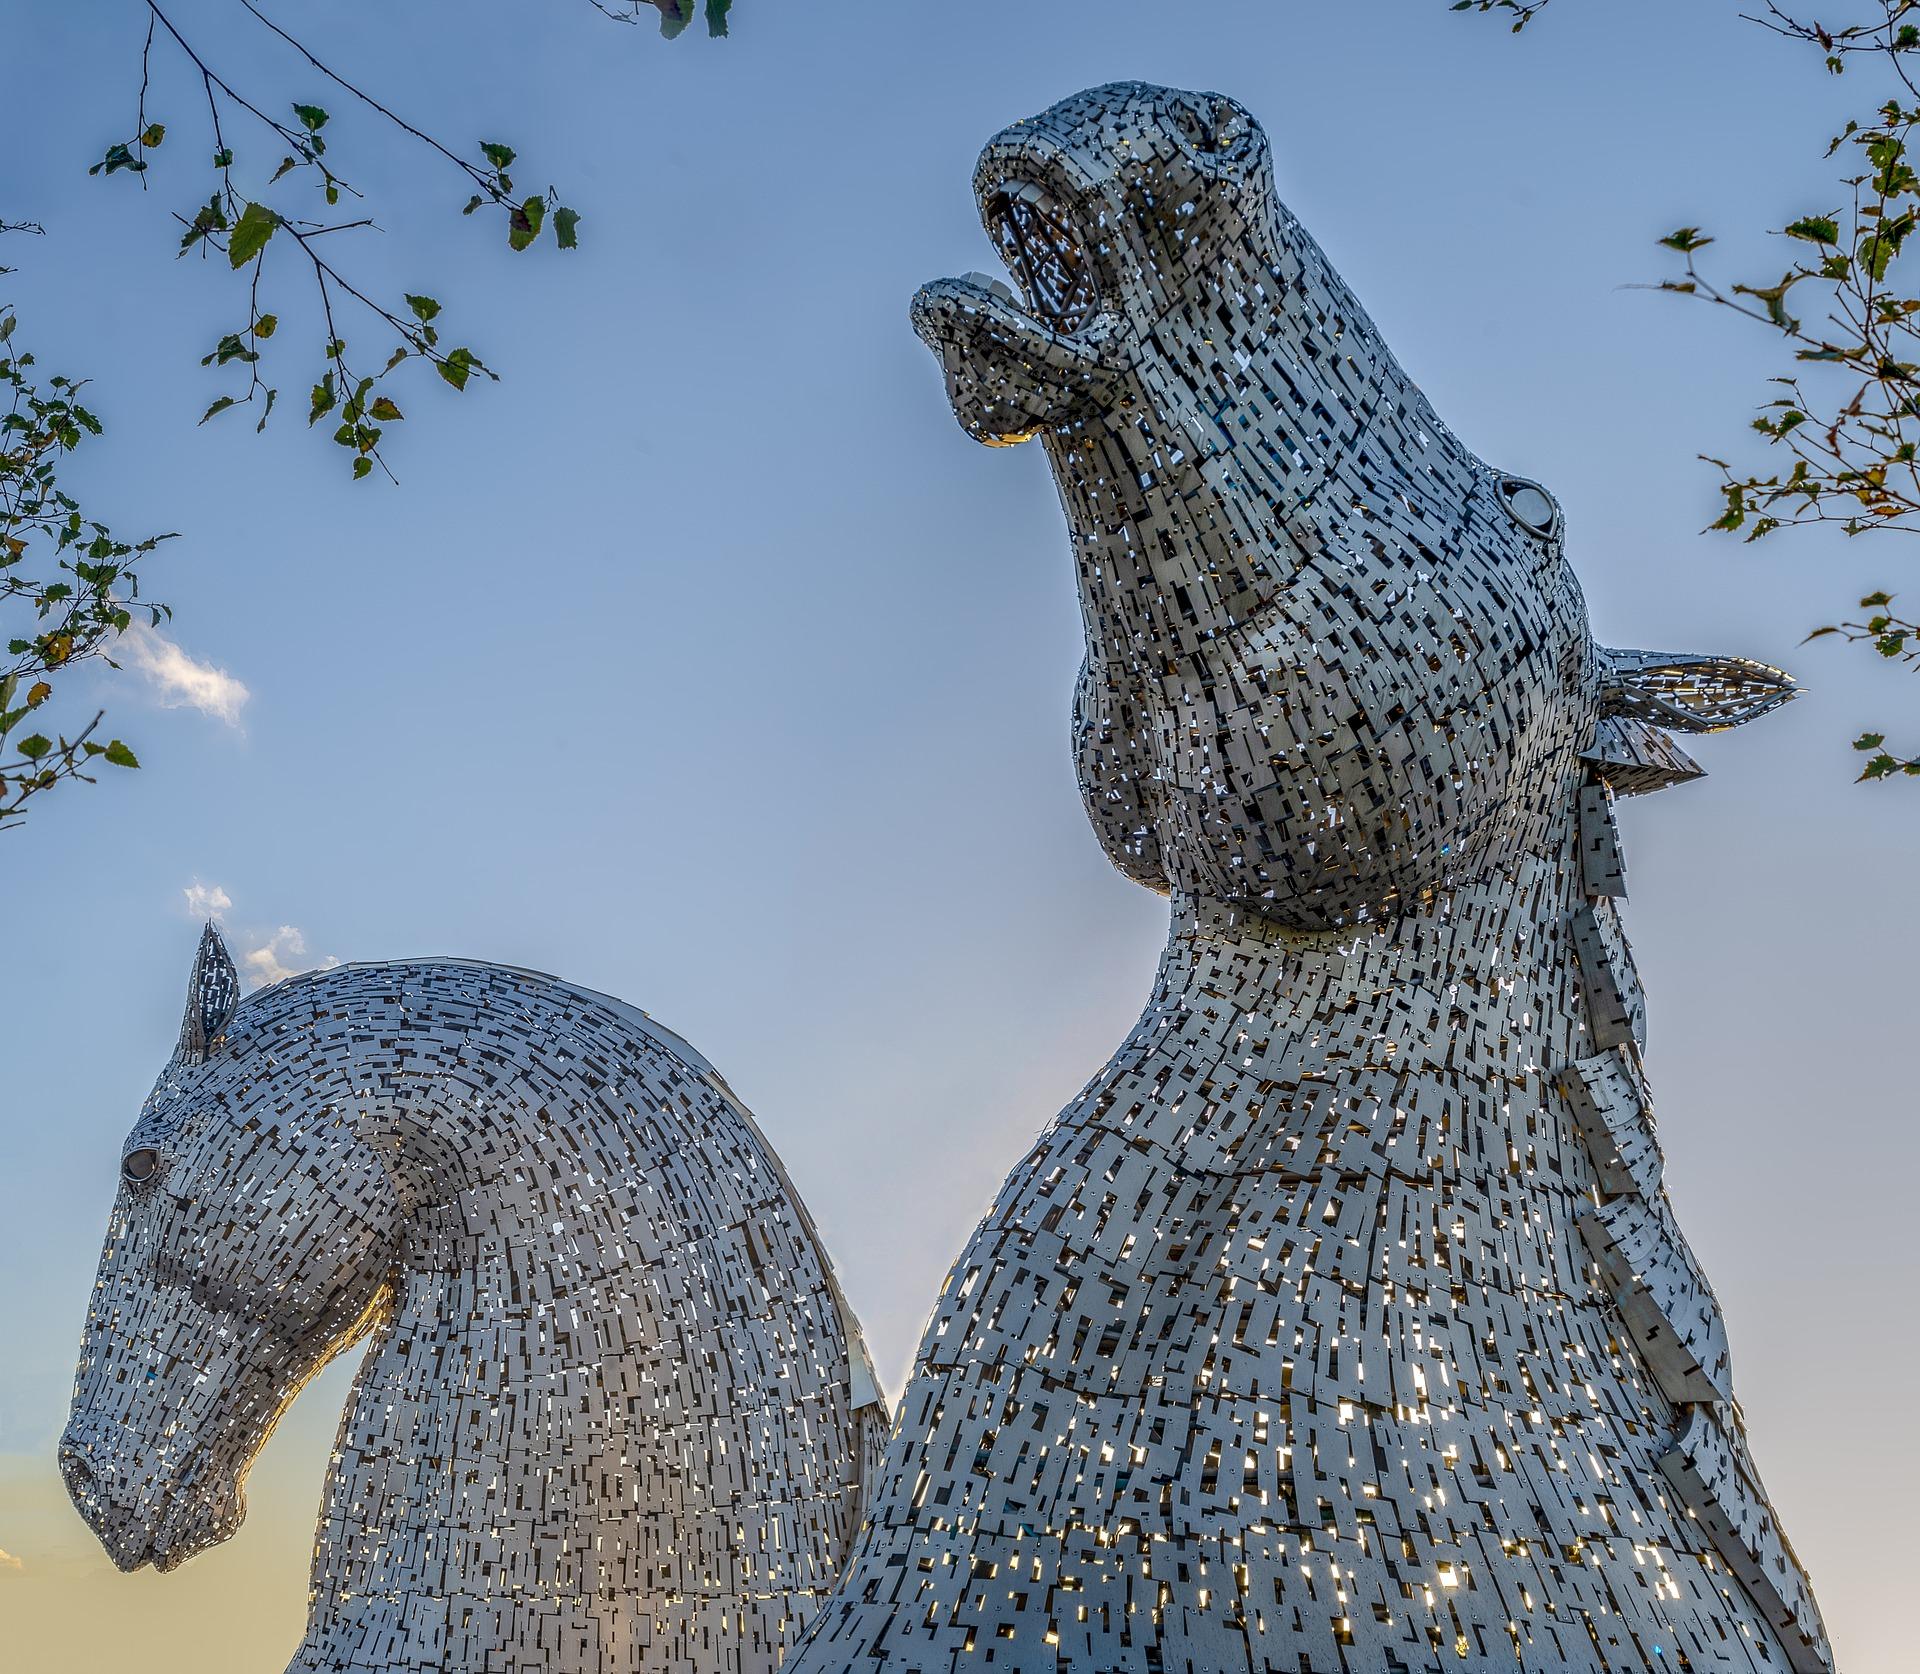 Kelpies Scotland